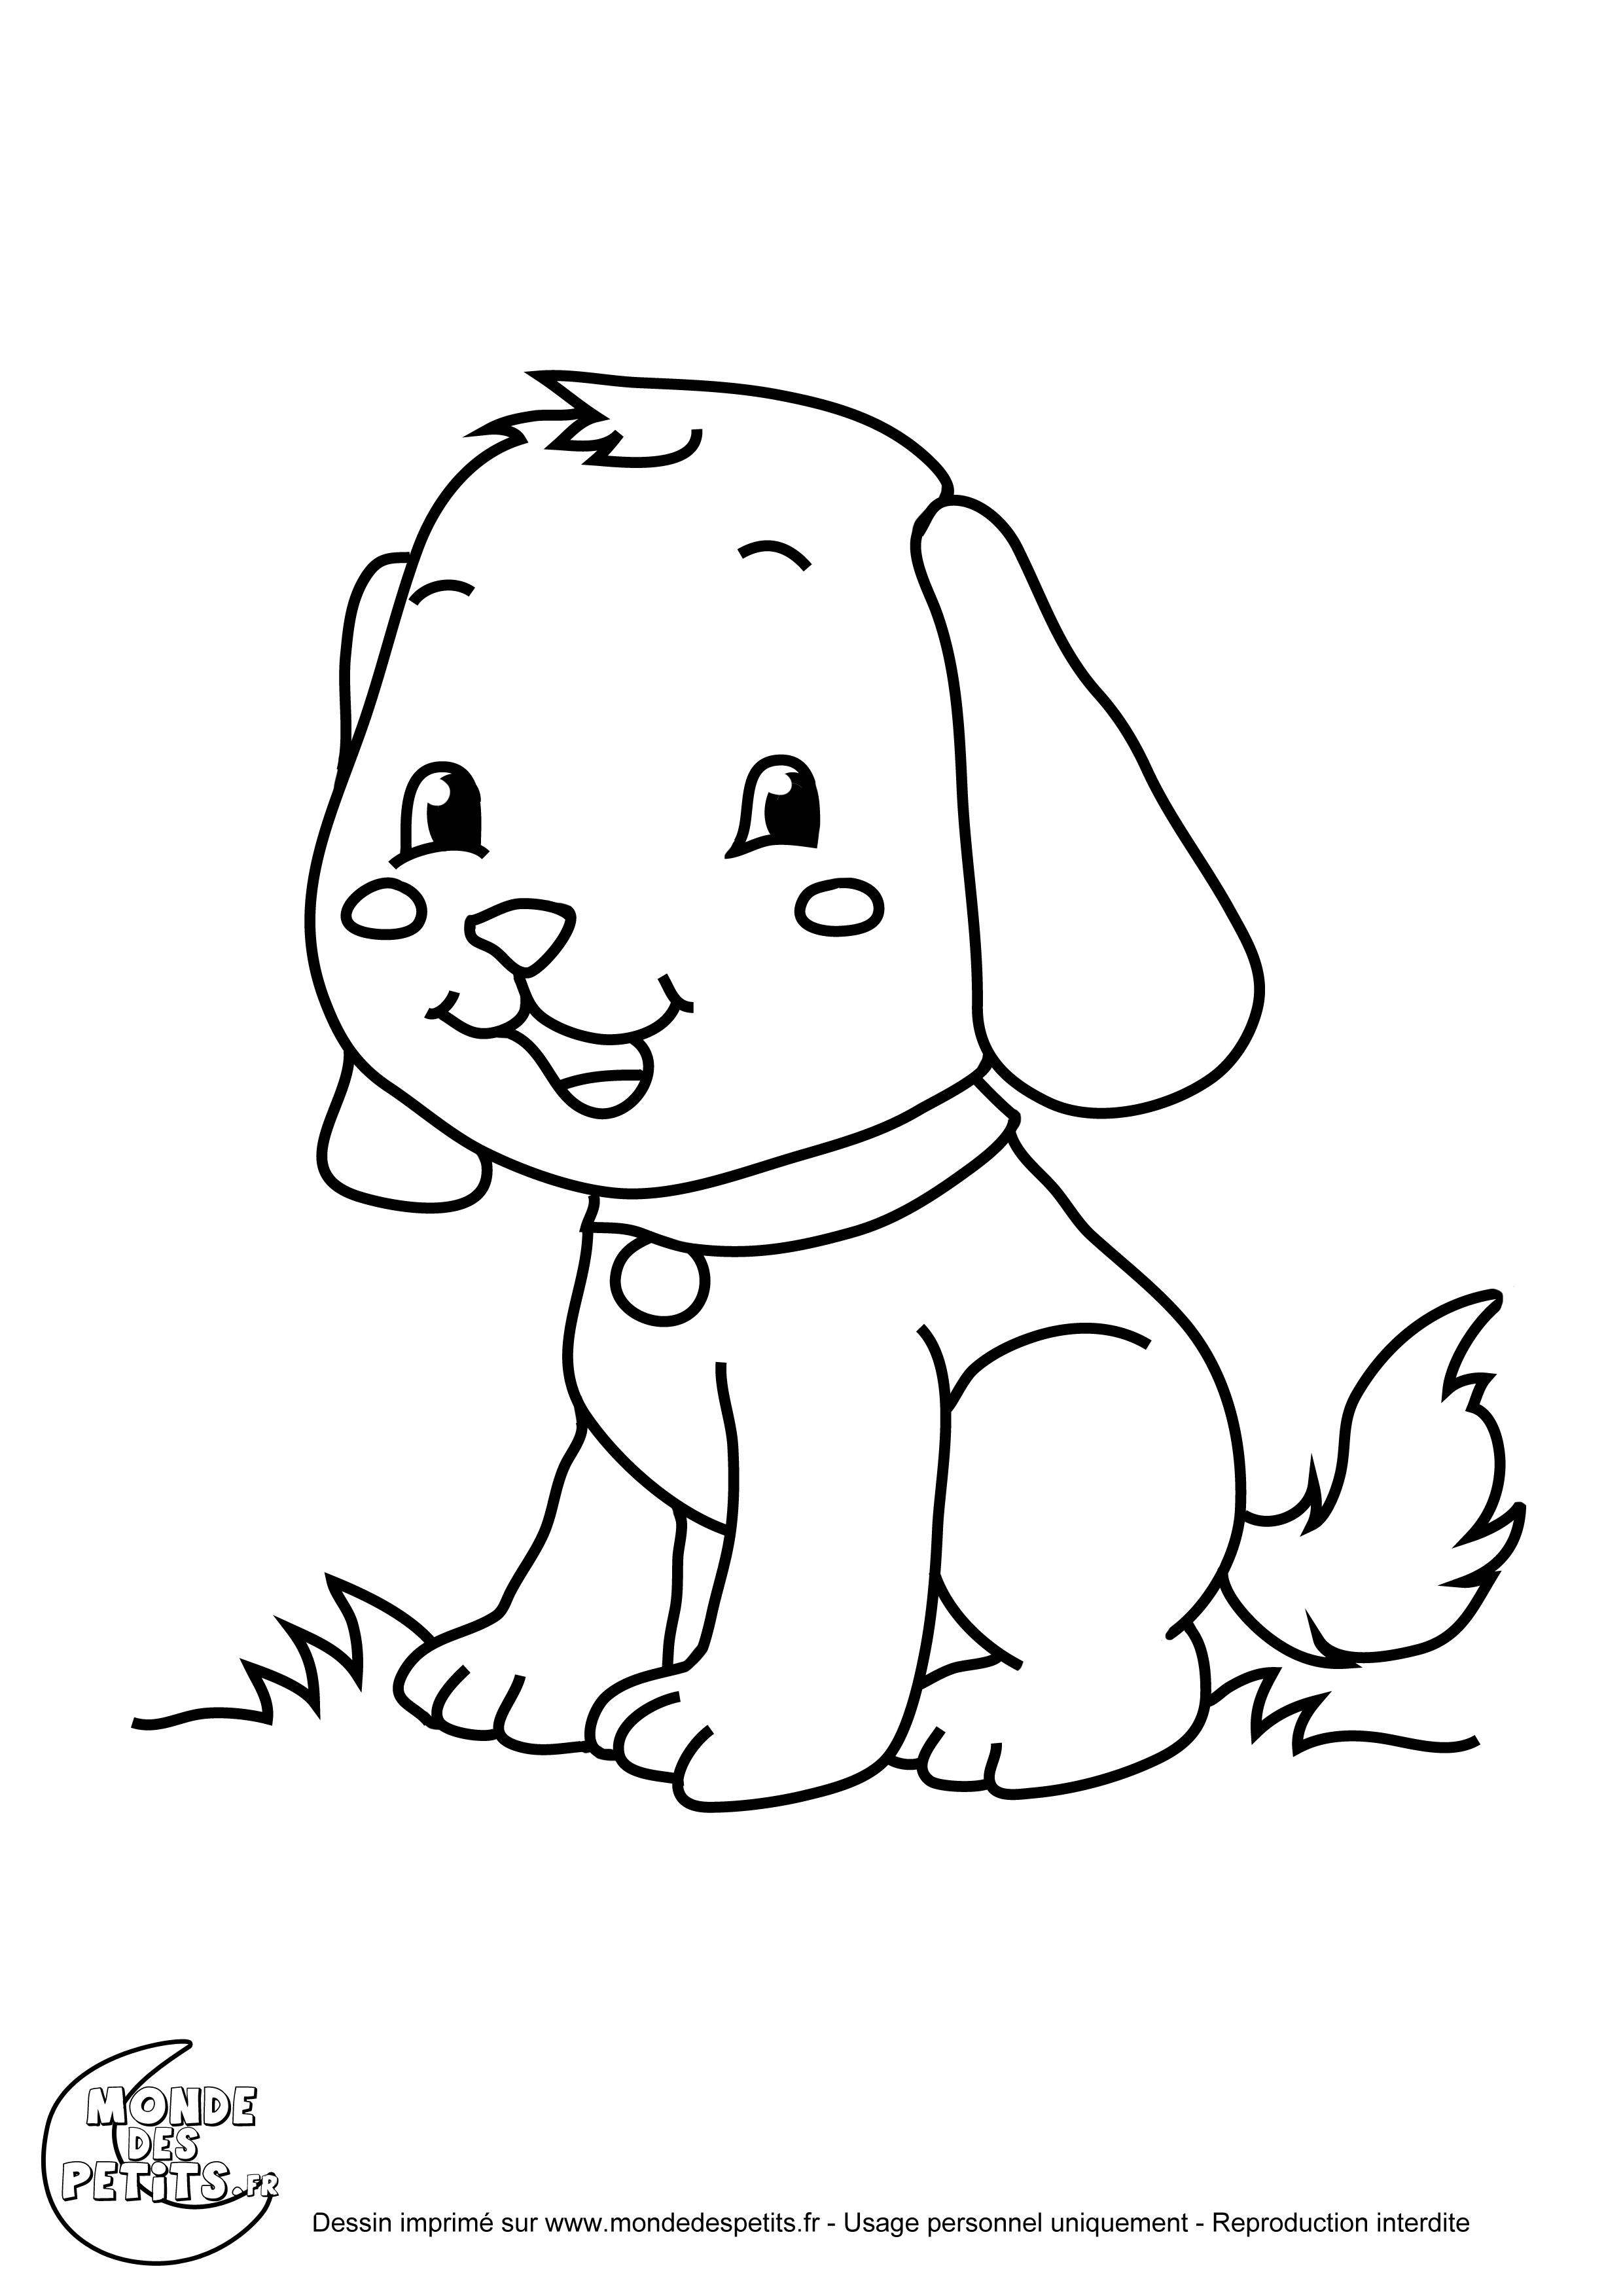 Monde des petits coloriages imprimer - Dessin tete de chien ...